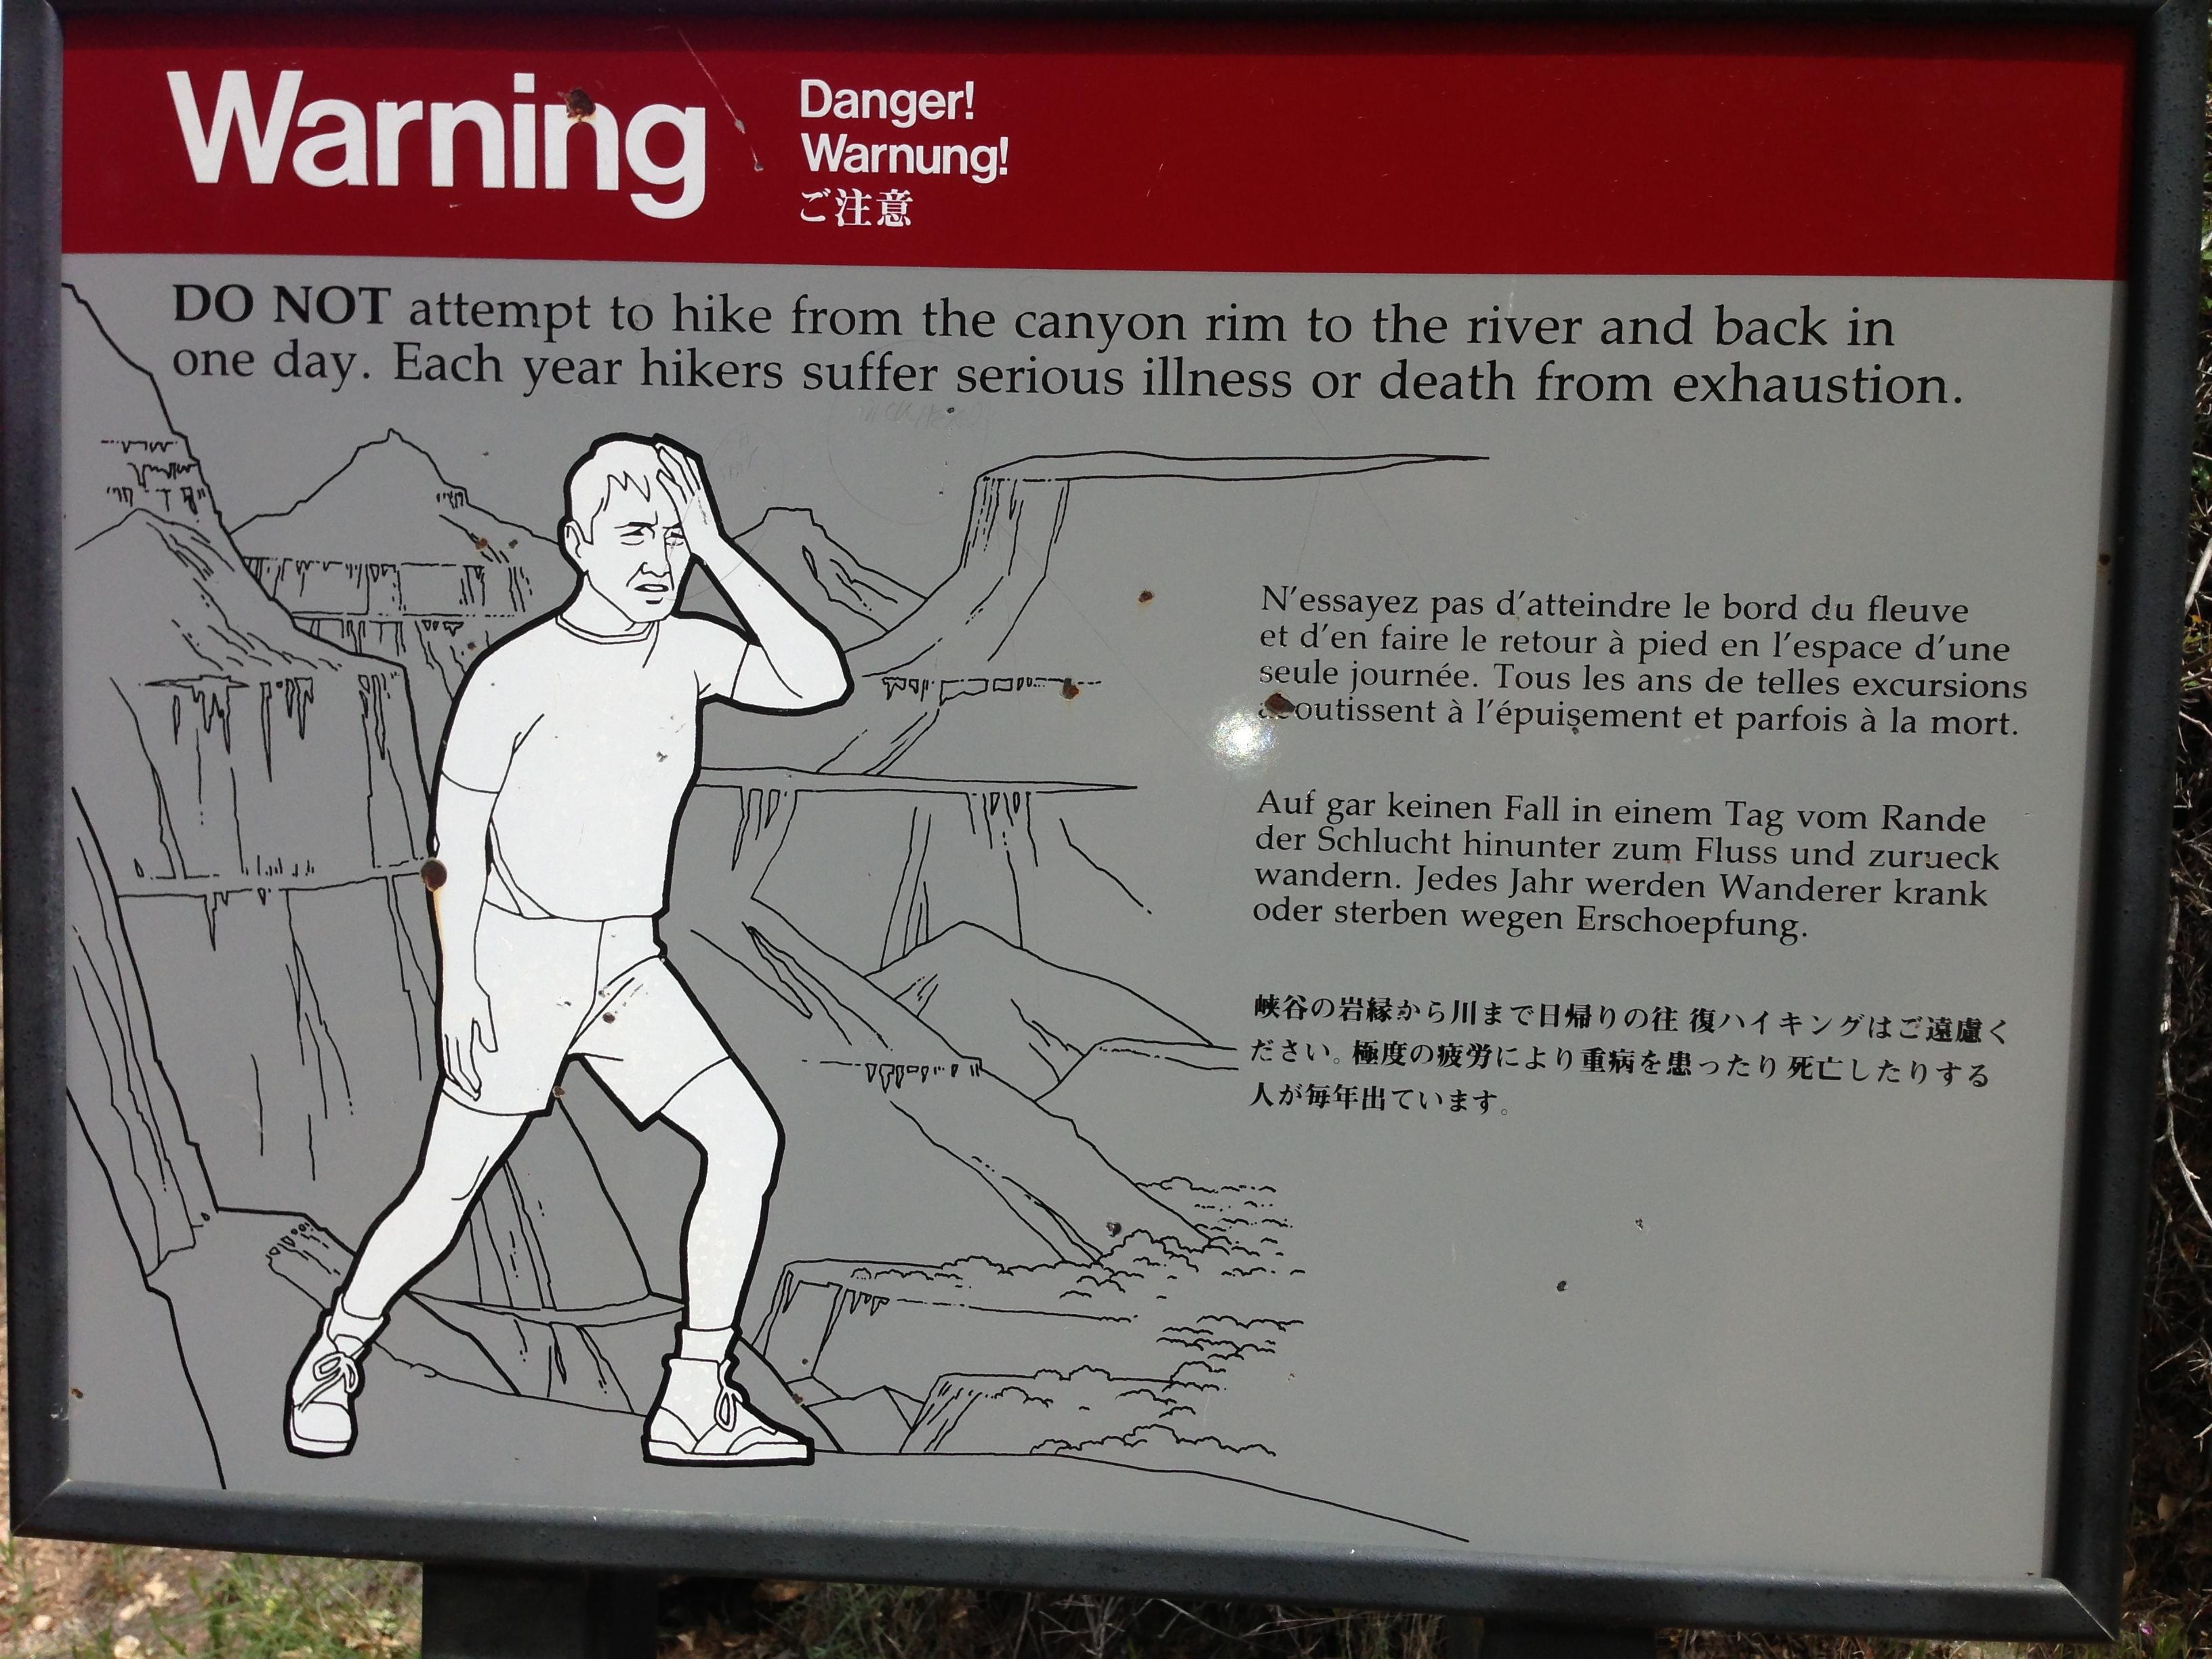 grand-canyon-warning-sign.jpg